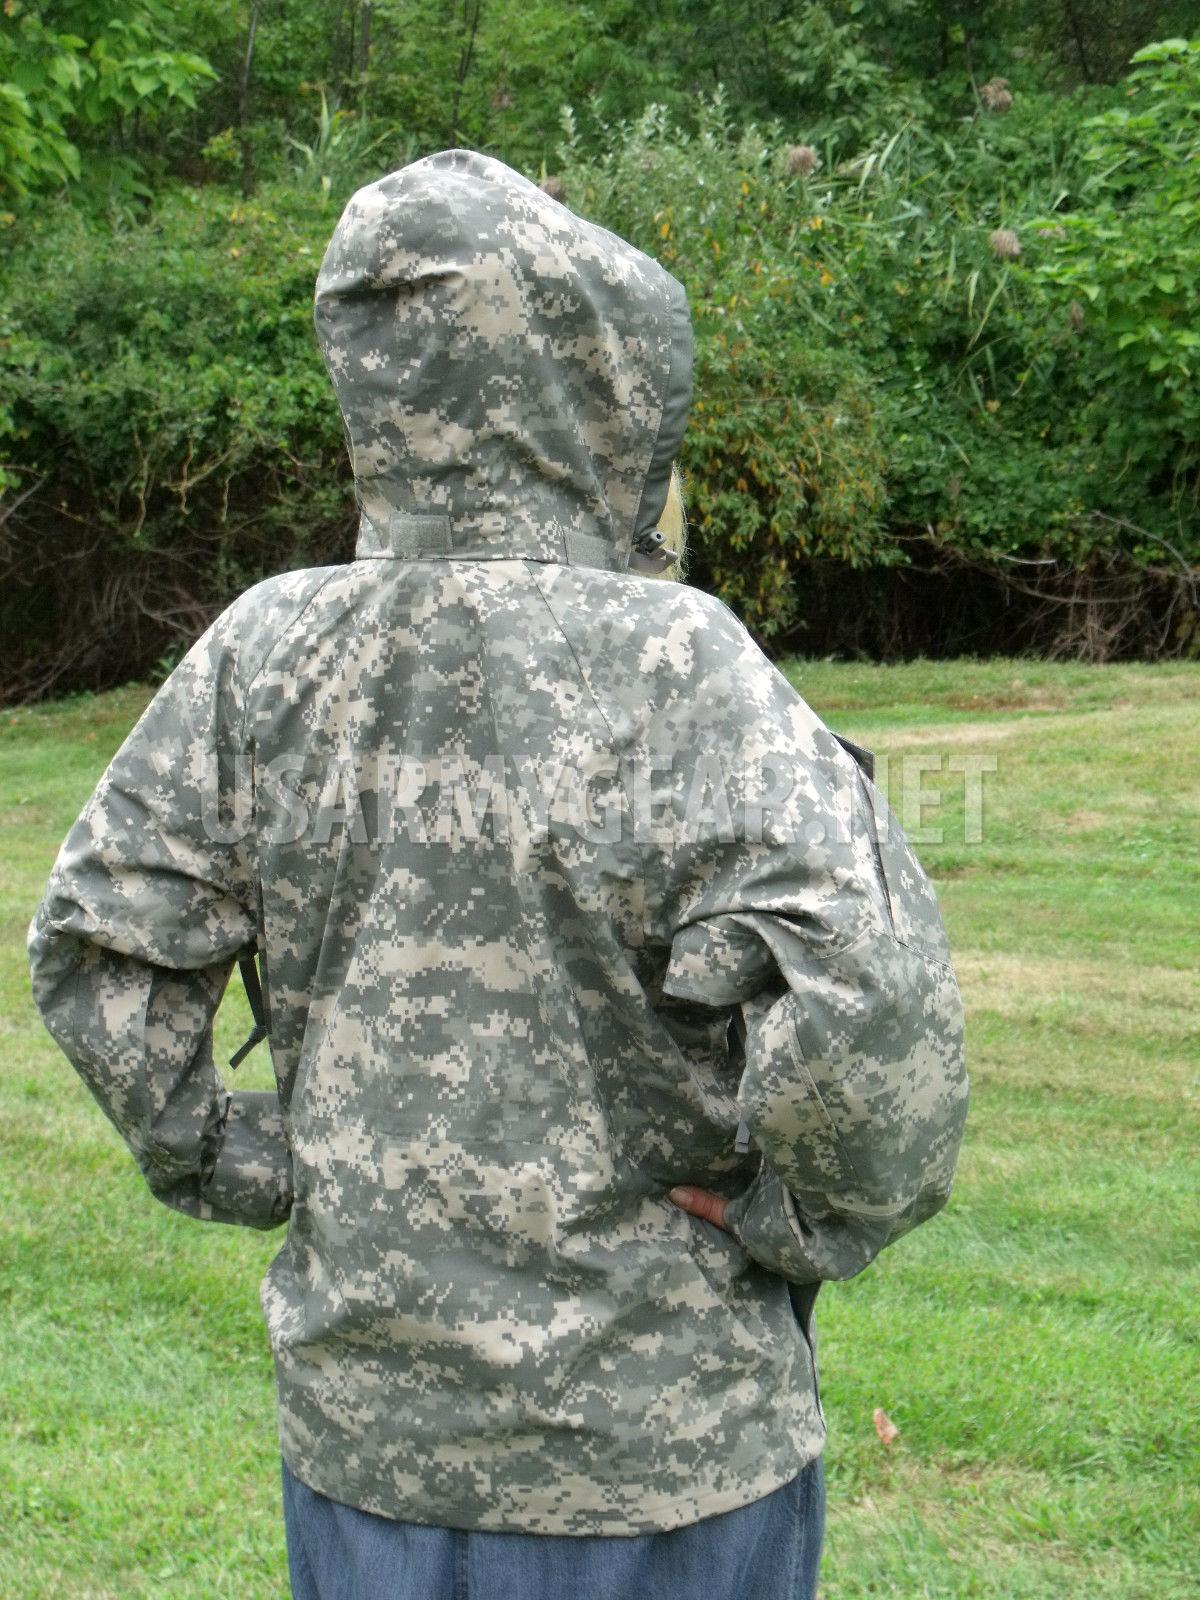 Genuine US Army GEN 2 II EWCWS Goretex Waterproof Acu ...